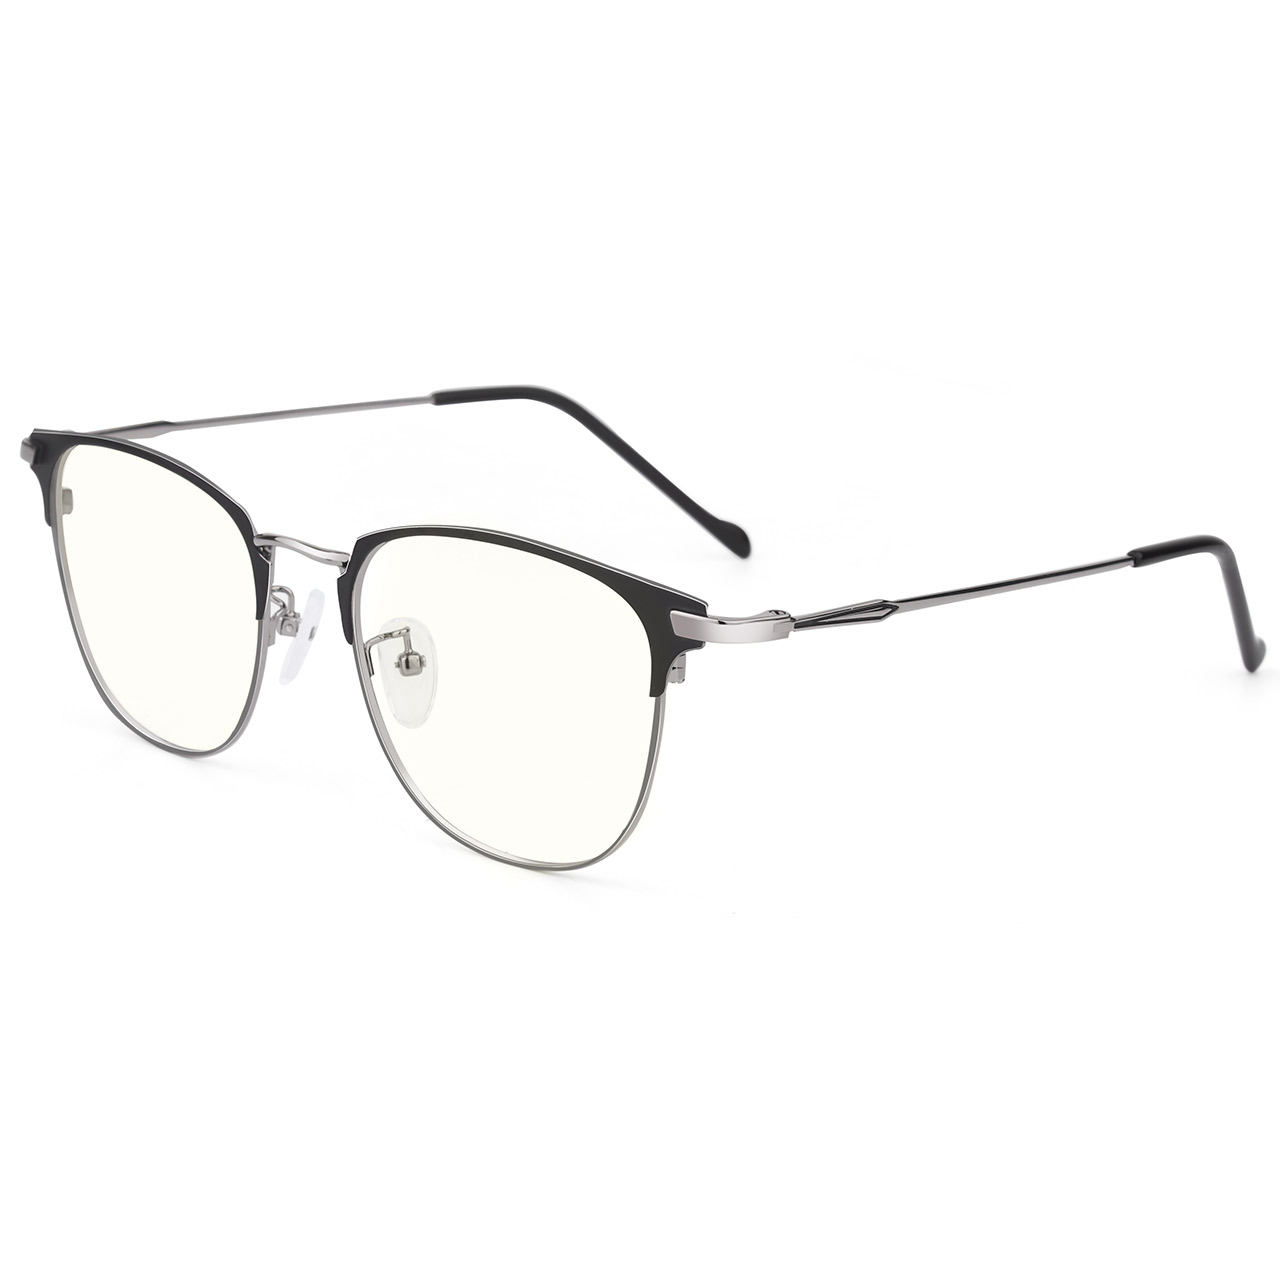 近视眼镜男潮配有度数变色小眼睛可配抗蓝光防辐射平光大圆镜框女